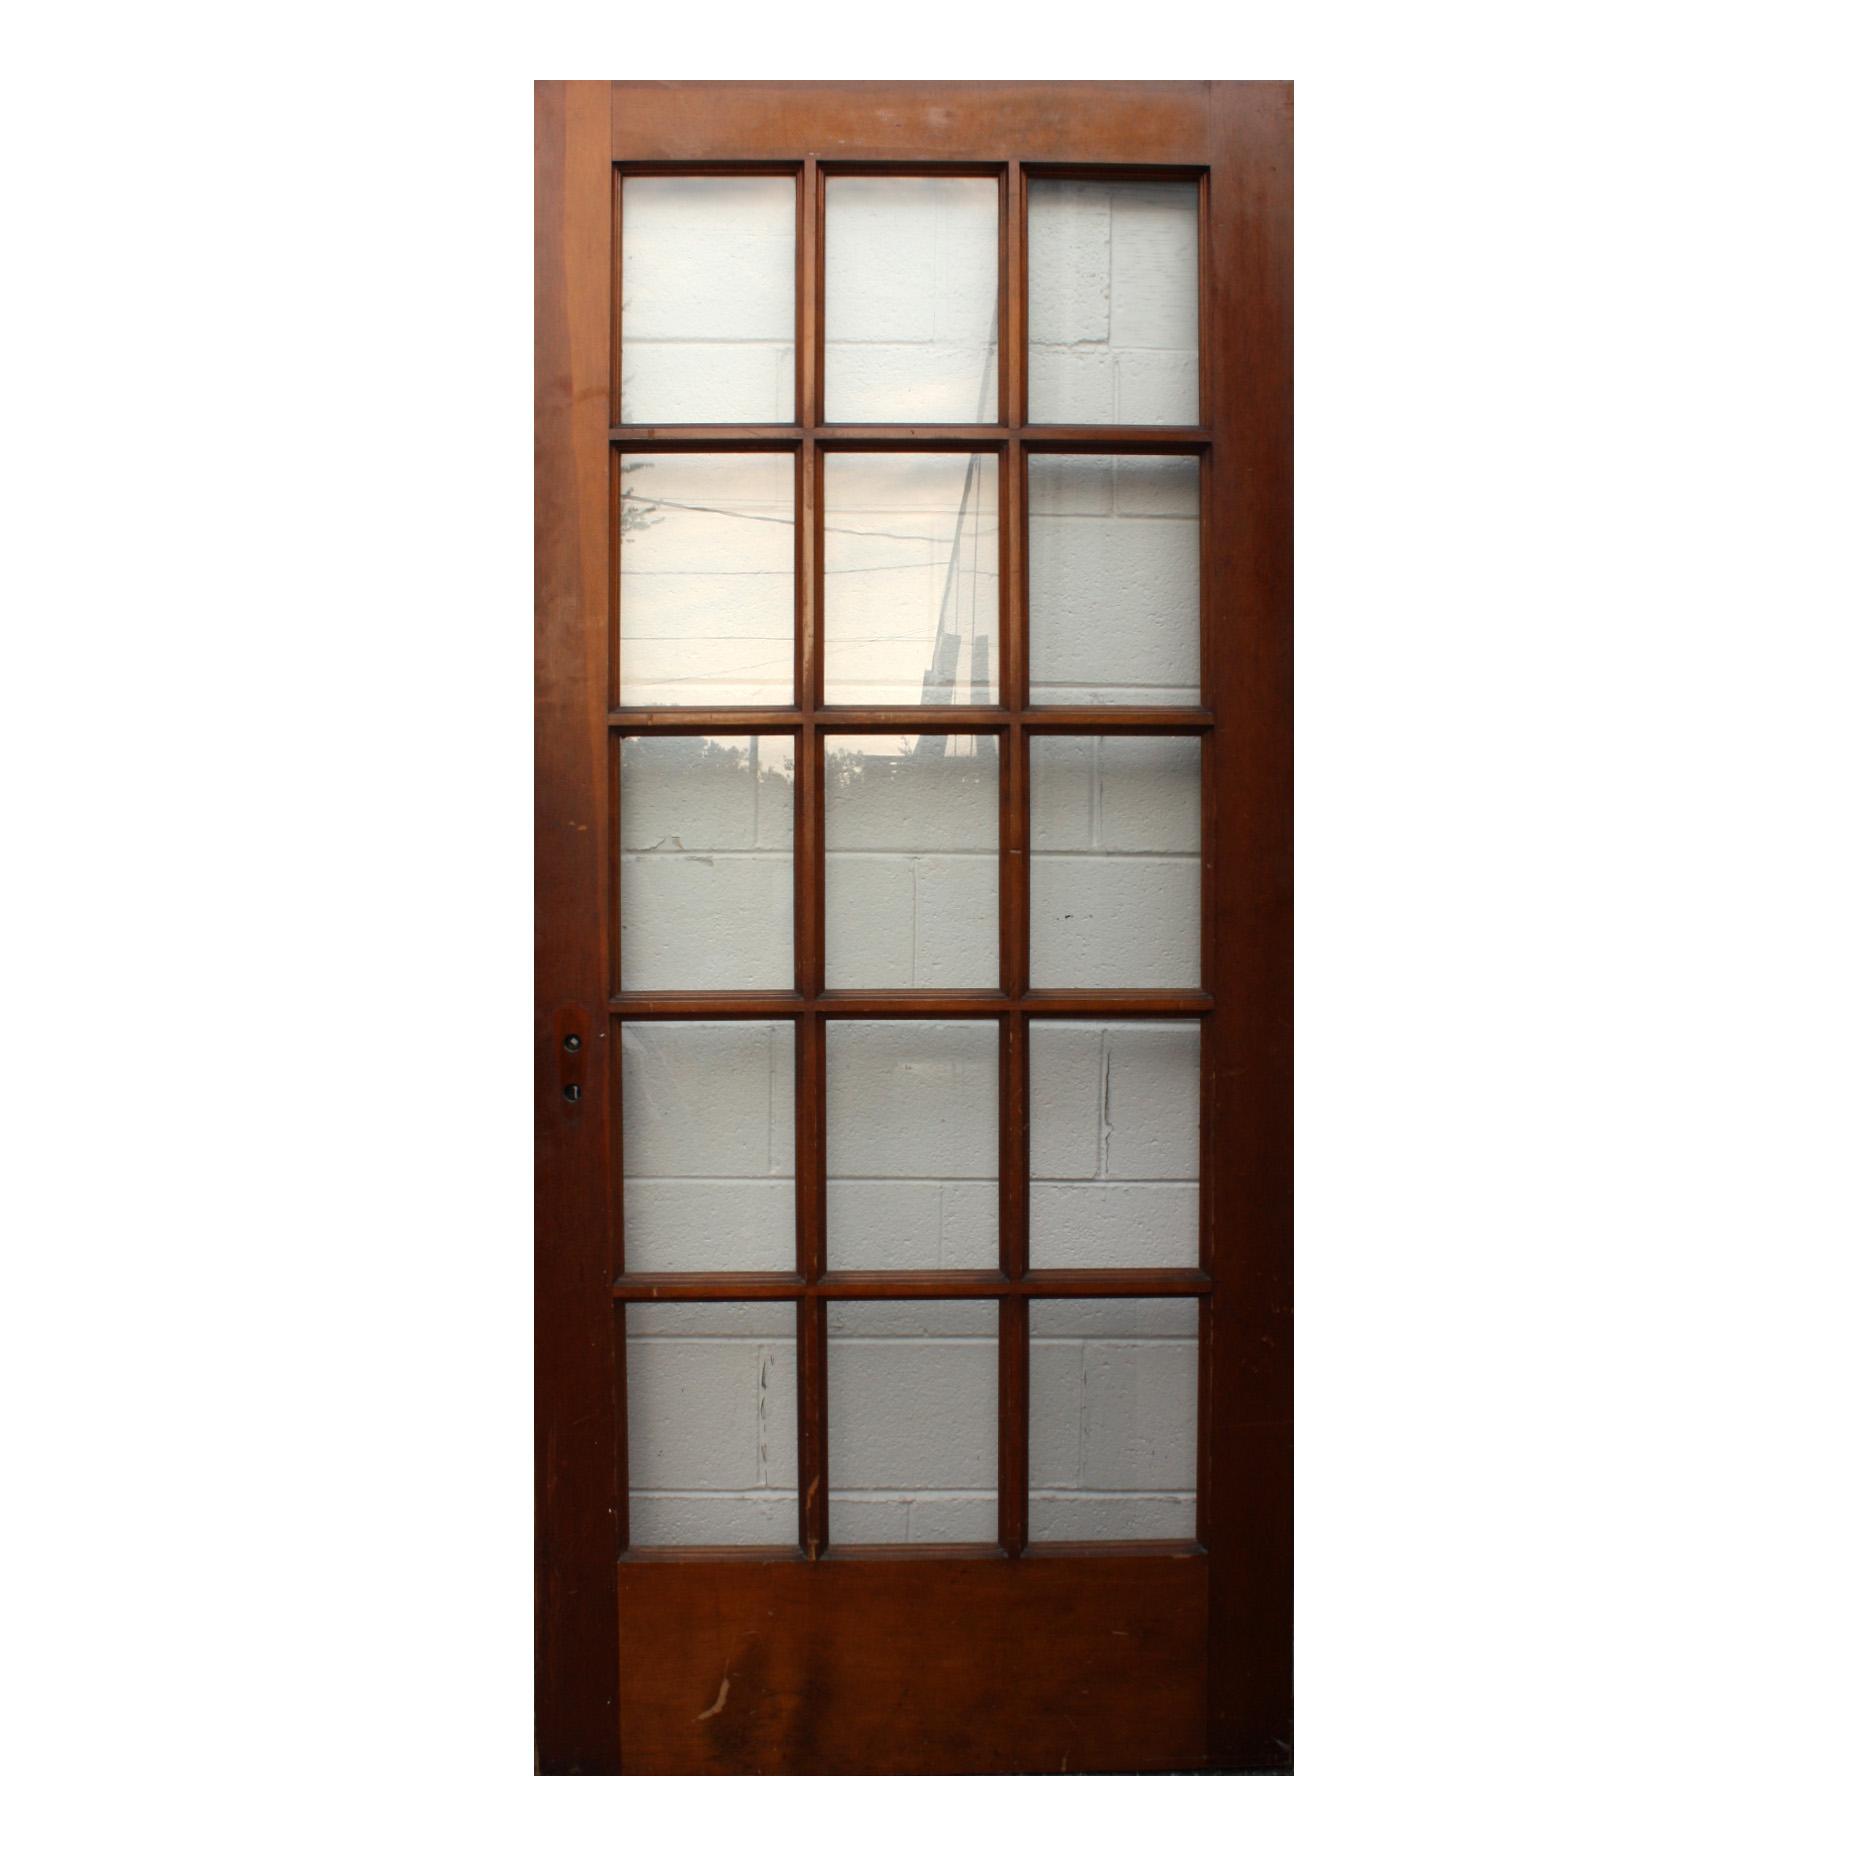 Emejing 15 Light Exterior Door Gallery Decoration Design